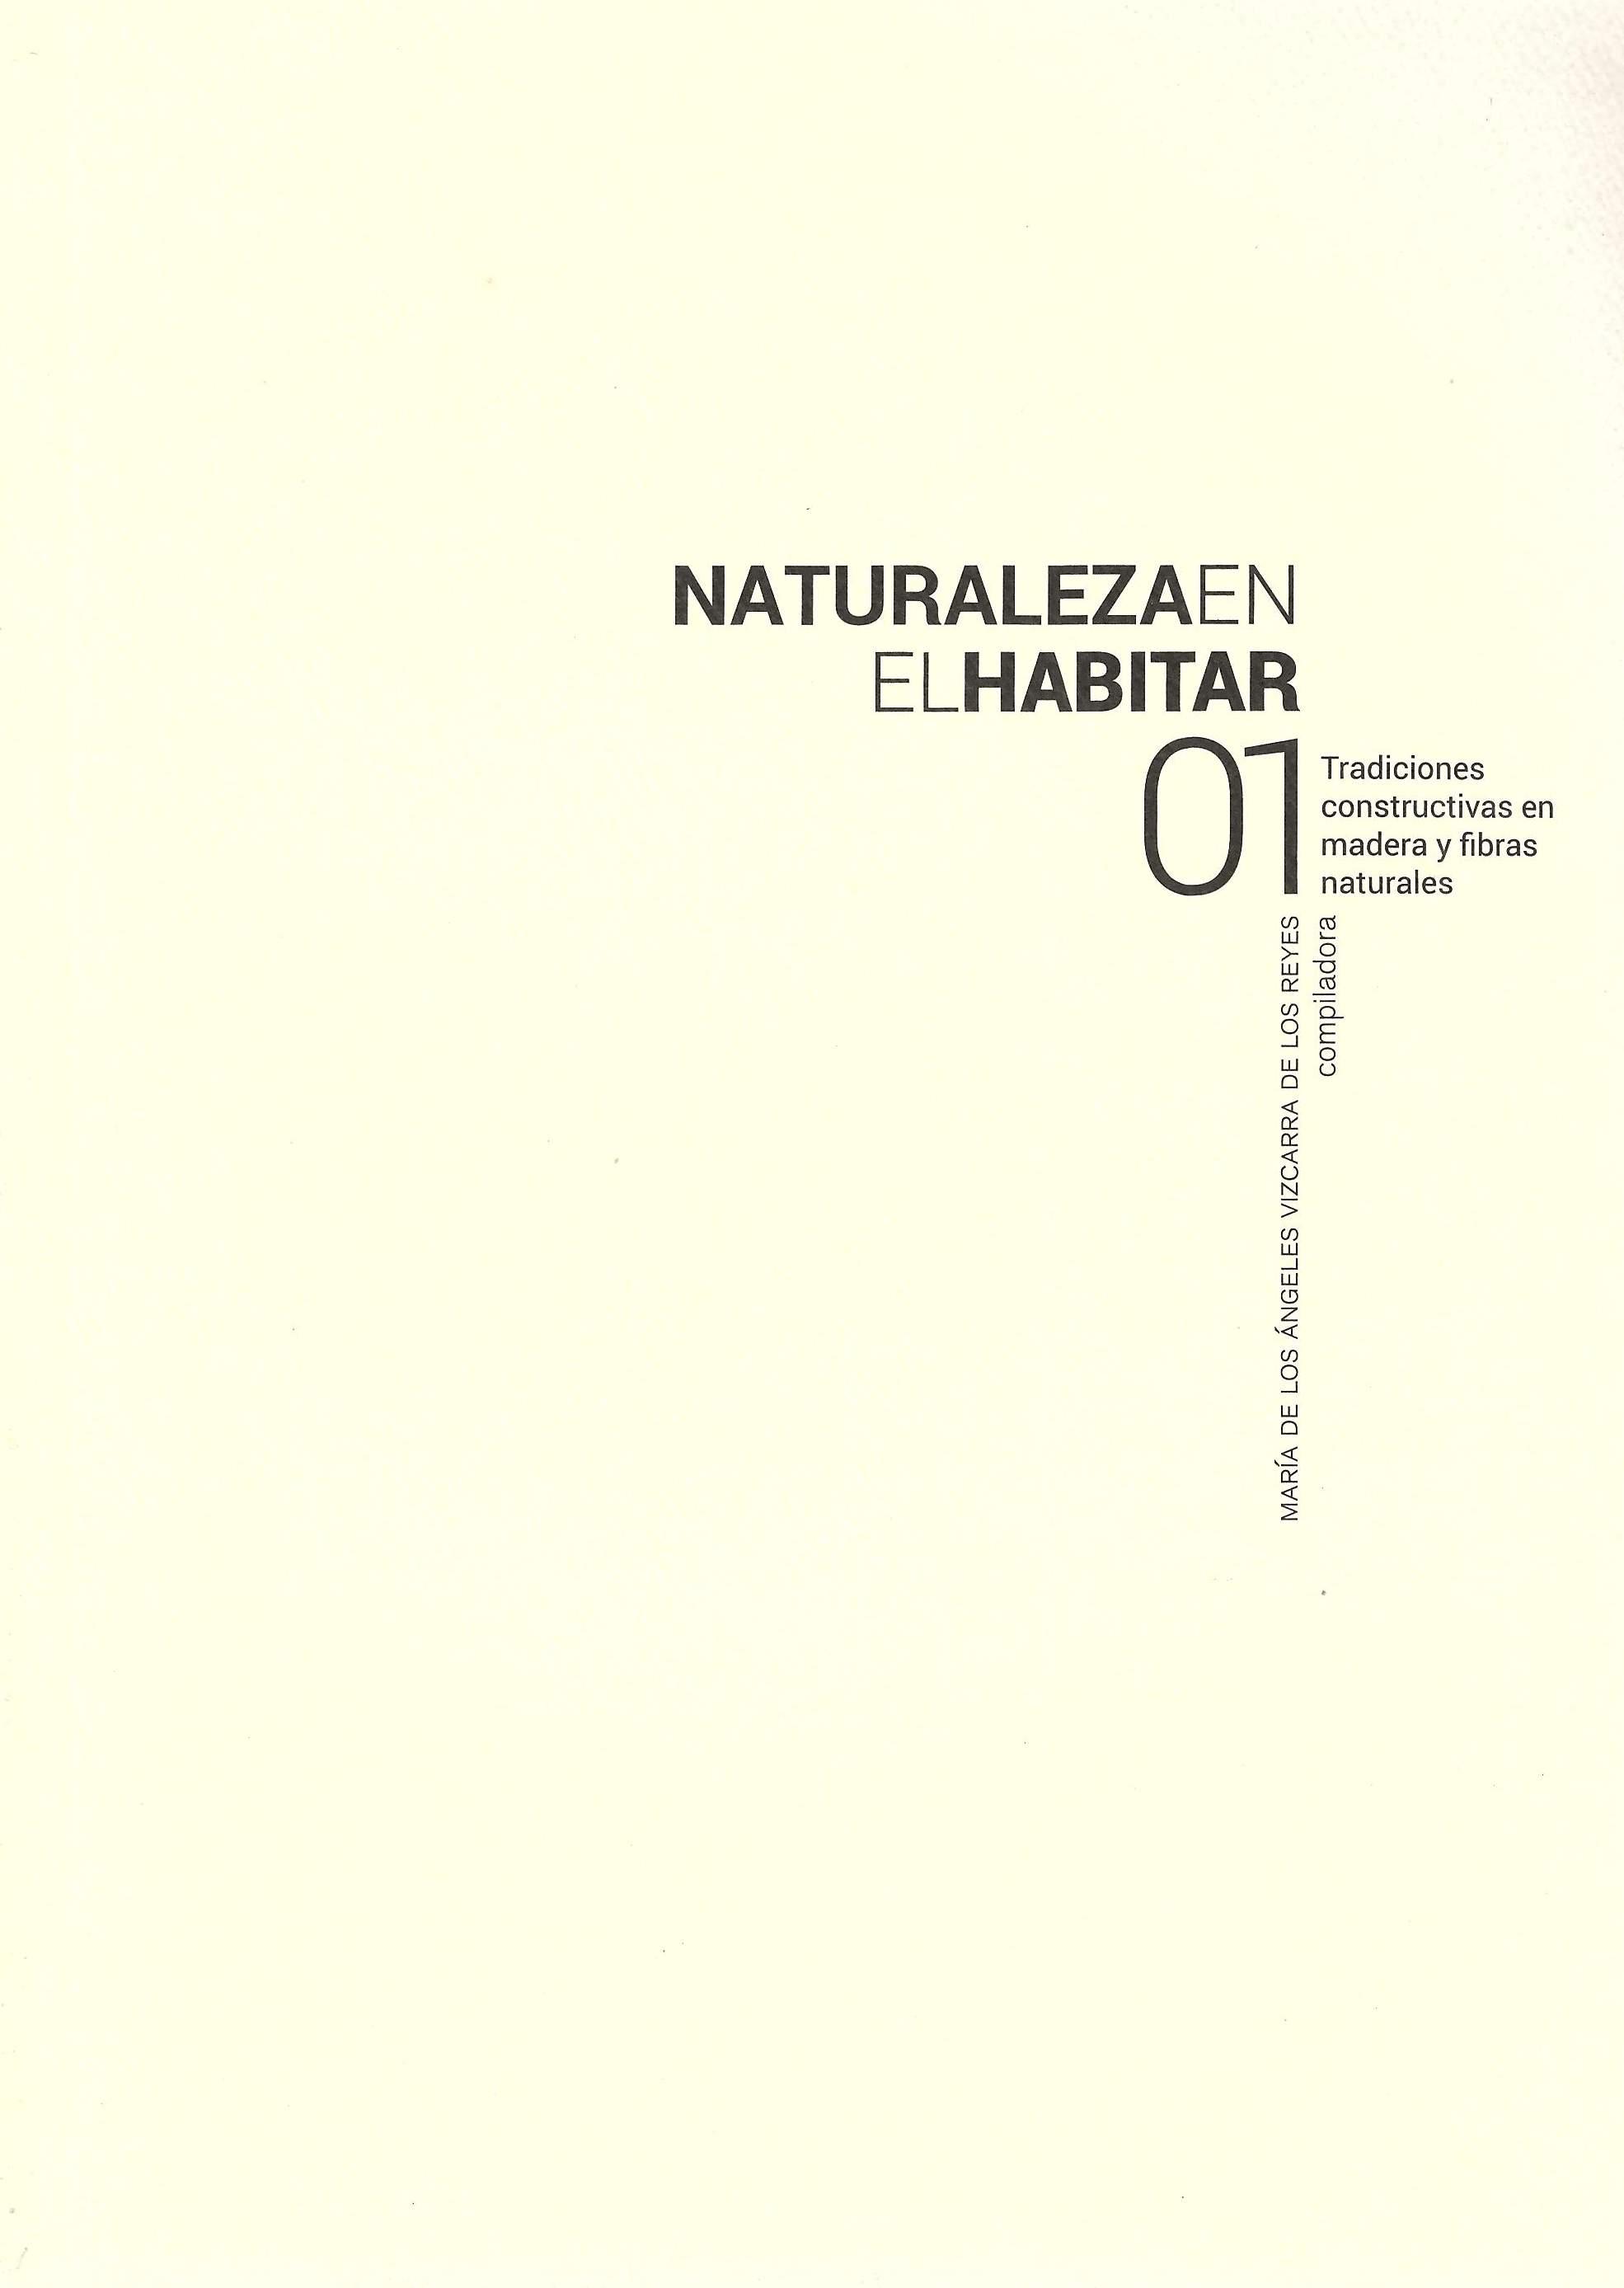 Naturaleza en el habitar 01. Tradiciones constructivas en madera y fibras naturales